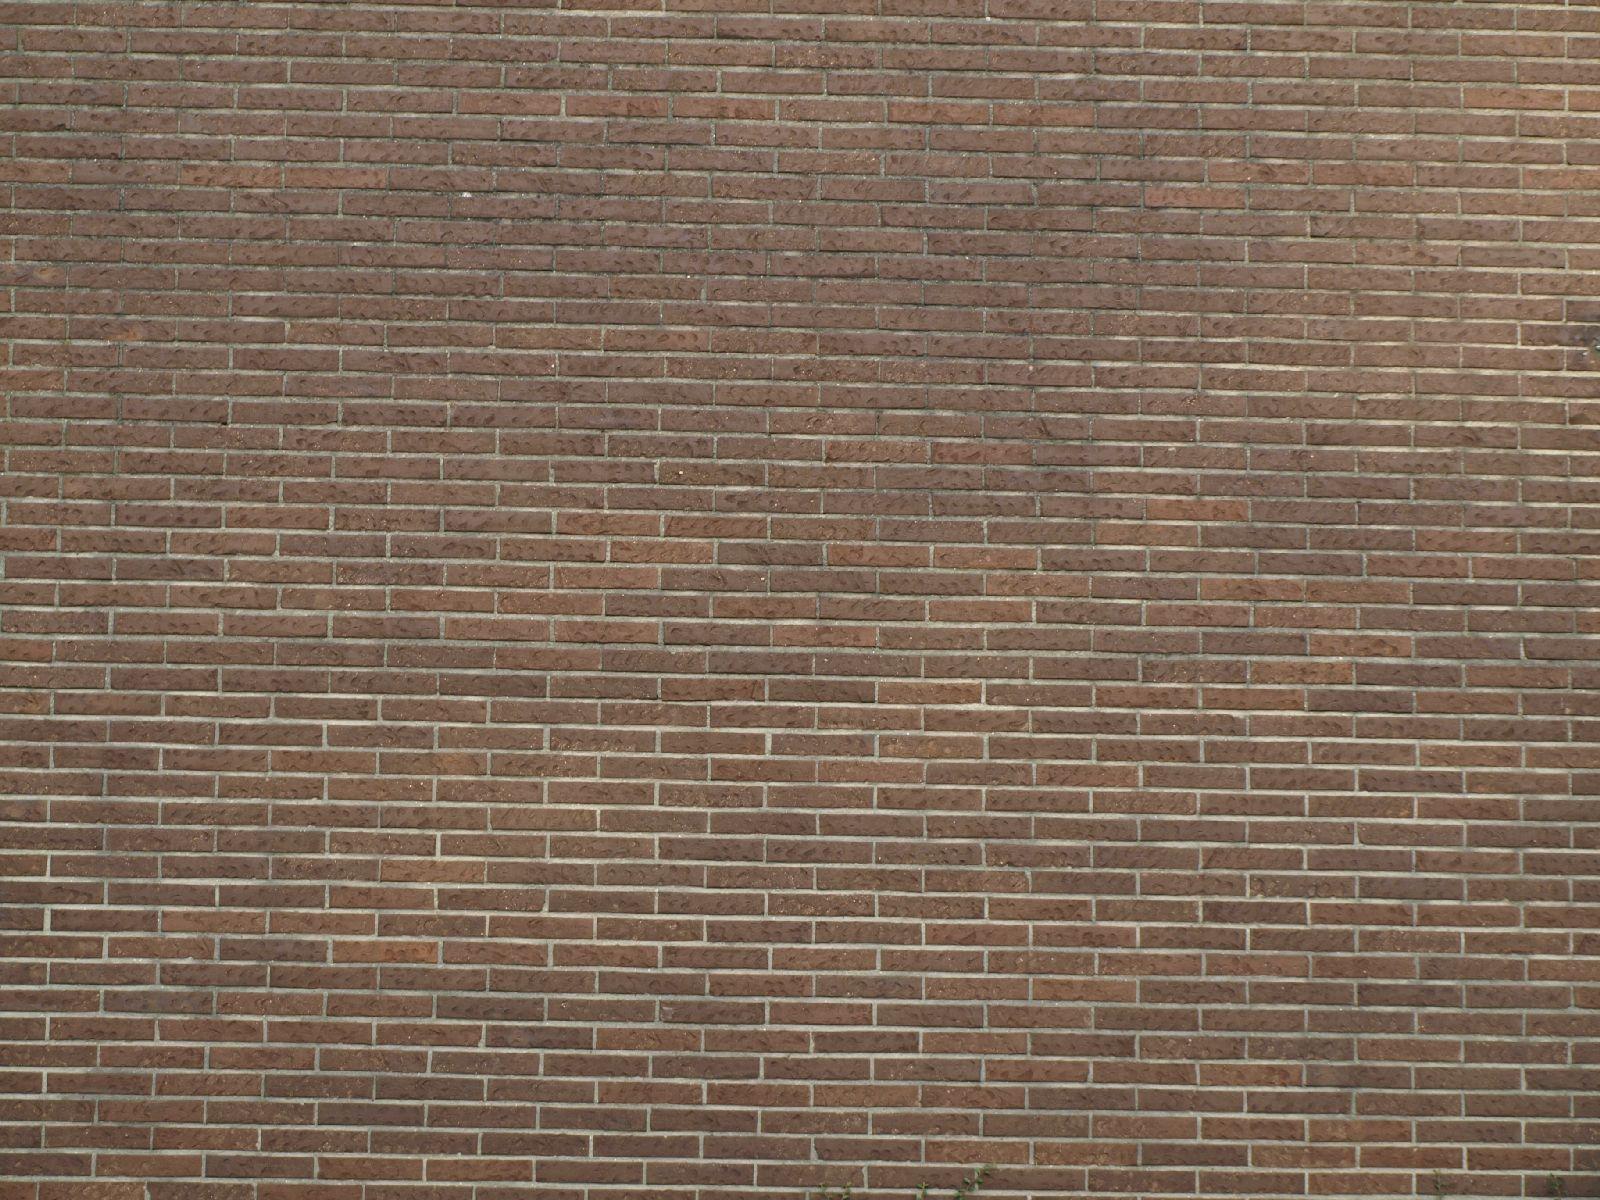 Wand-Mauerwerk-Backstein_Textur_A_PA045741